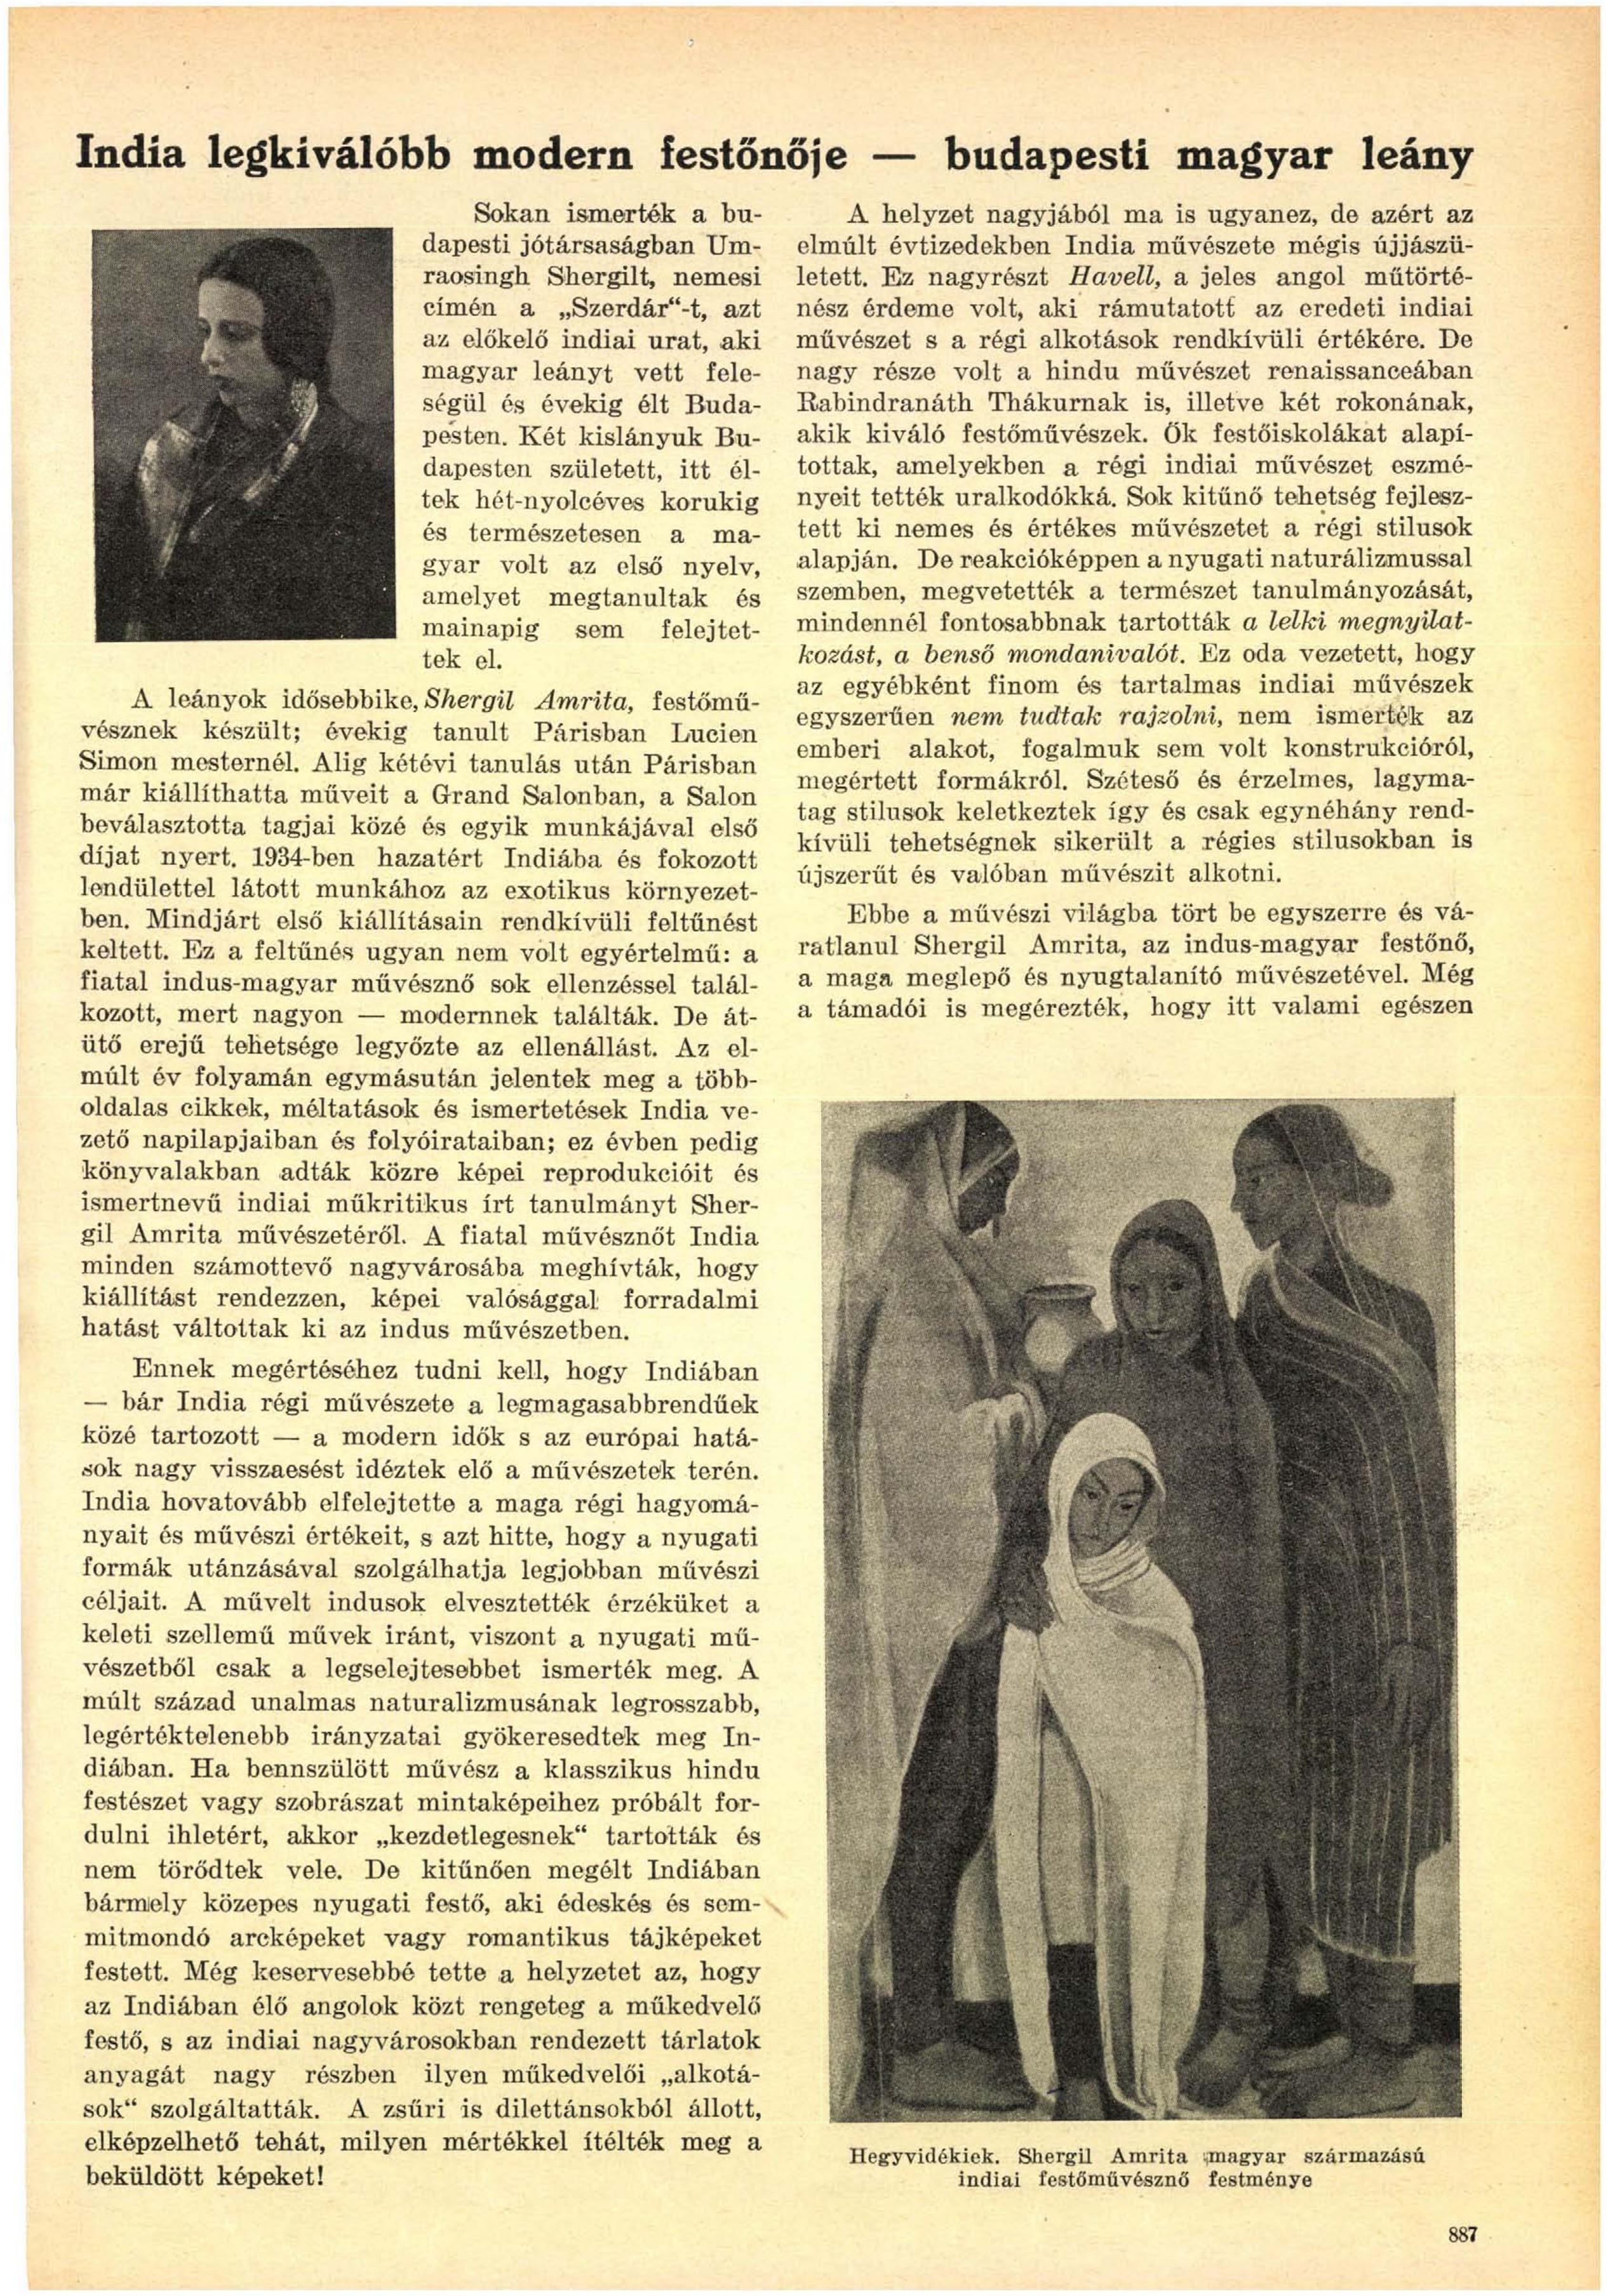 ujidok_1937_1_pages899-899.jpg